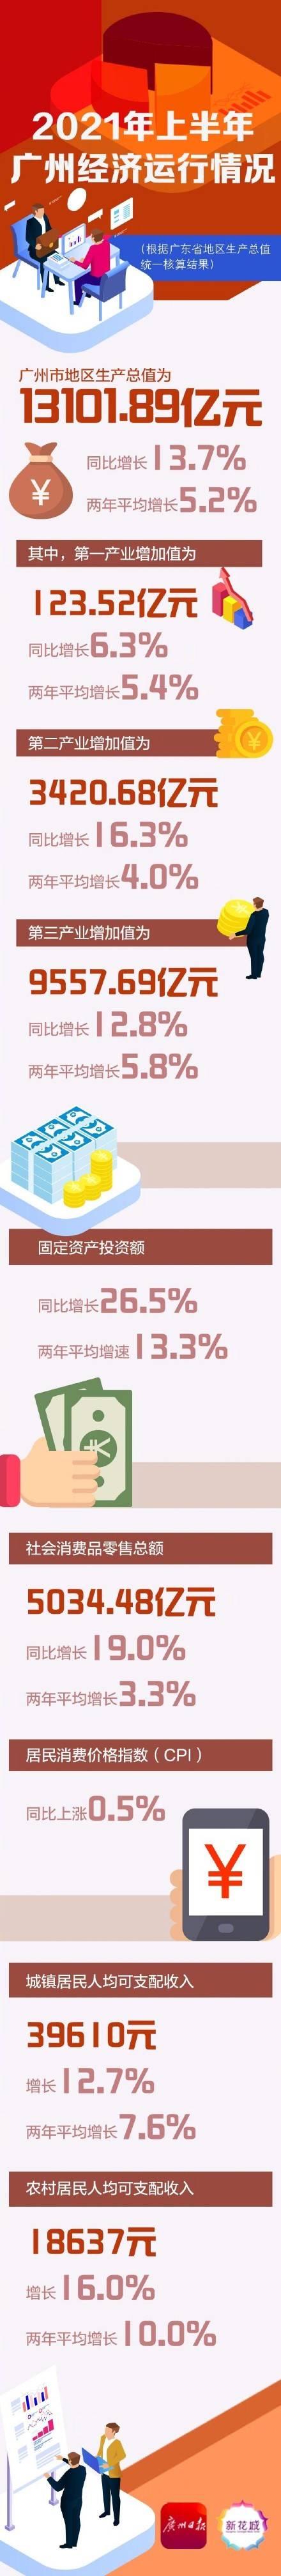 2021年上半年广州GDP同比增13.7%